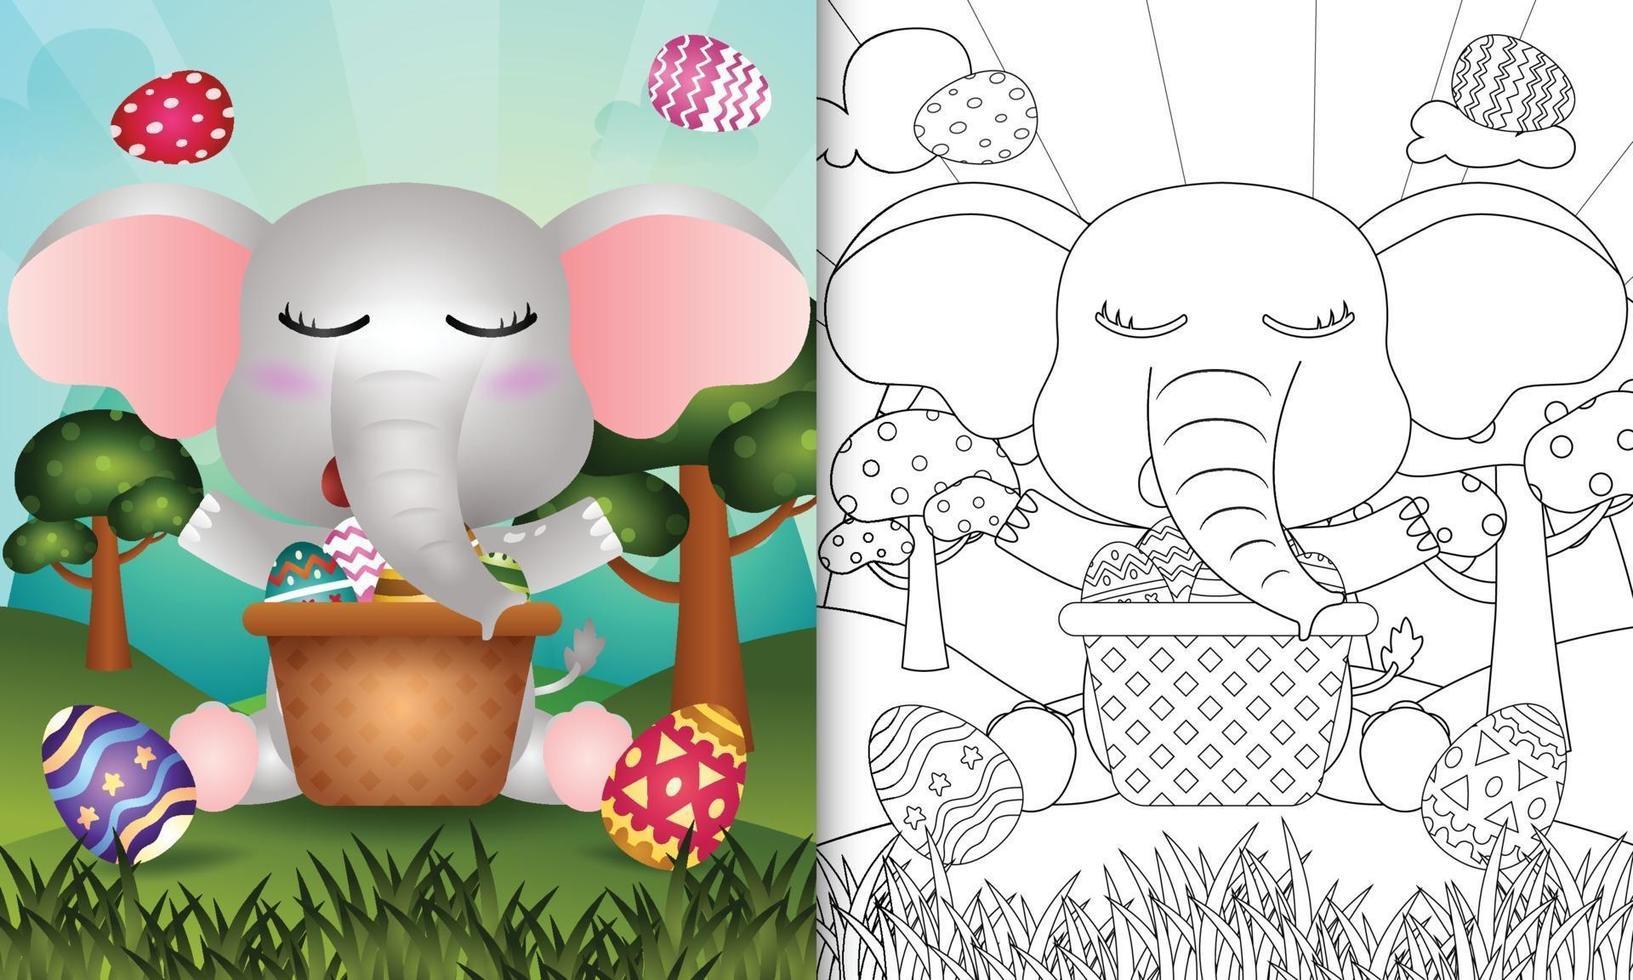 livro de colorir para crianças com tema feliz páscoa com ilustração de um elefante fofo no ovo balde vetor